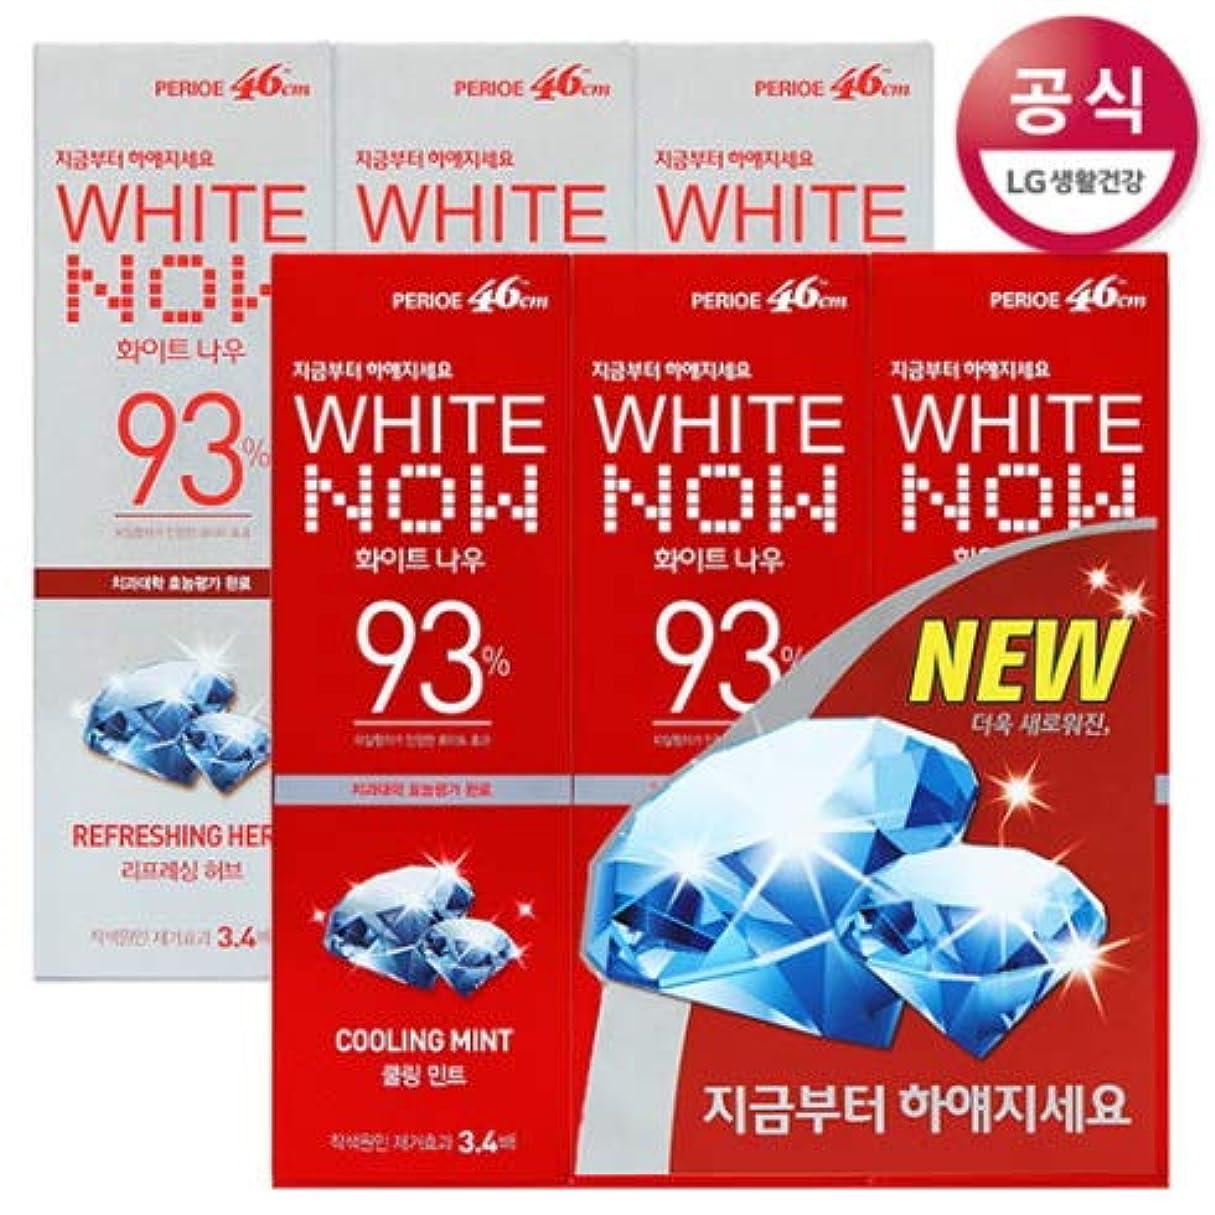 責胃あえて[LG HnB] Perio White Nau Toothpaste/ペリオホワイトナウ歯磨き粉 100gx6個(海外直送品)